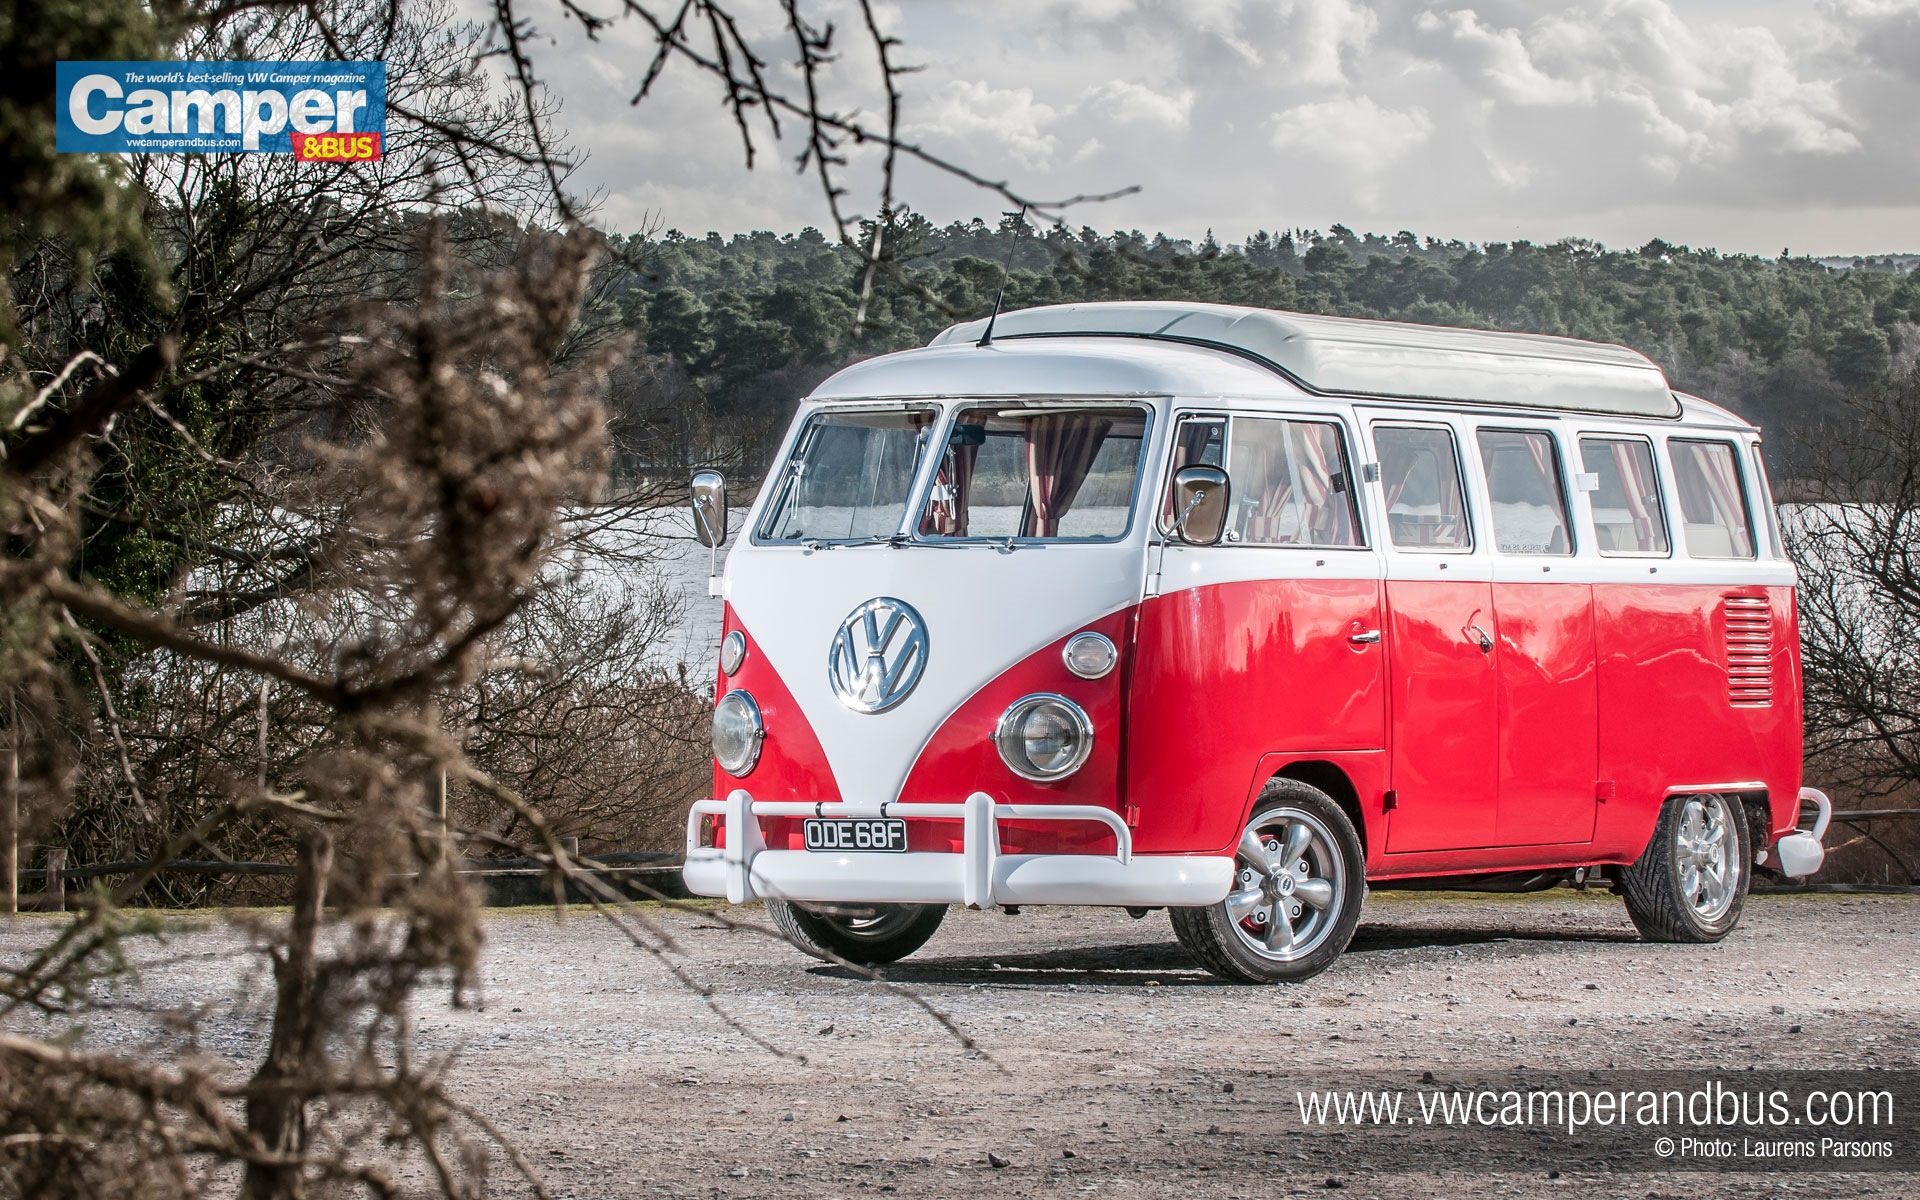 volkswagen buses wallpaper screensavers - photo #21